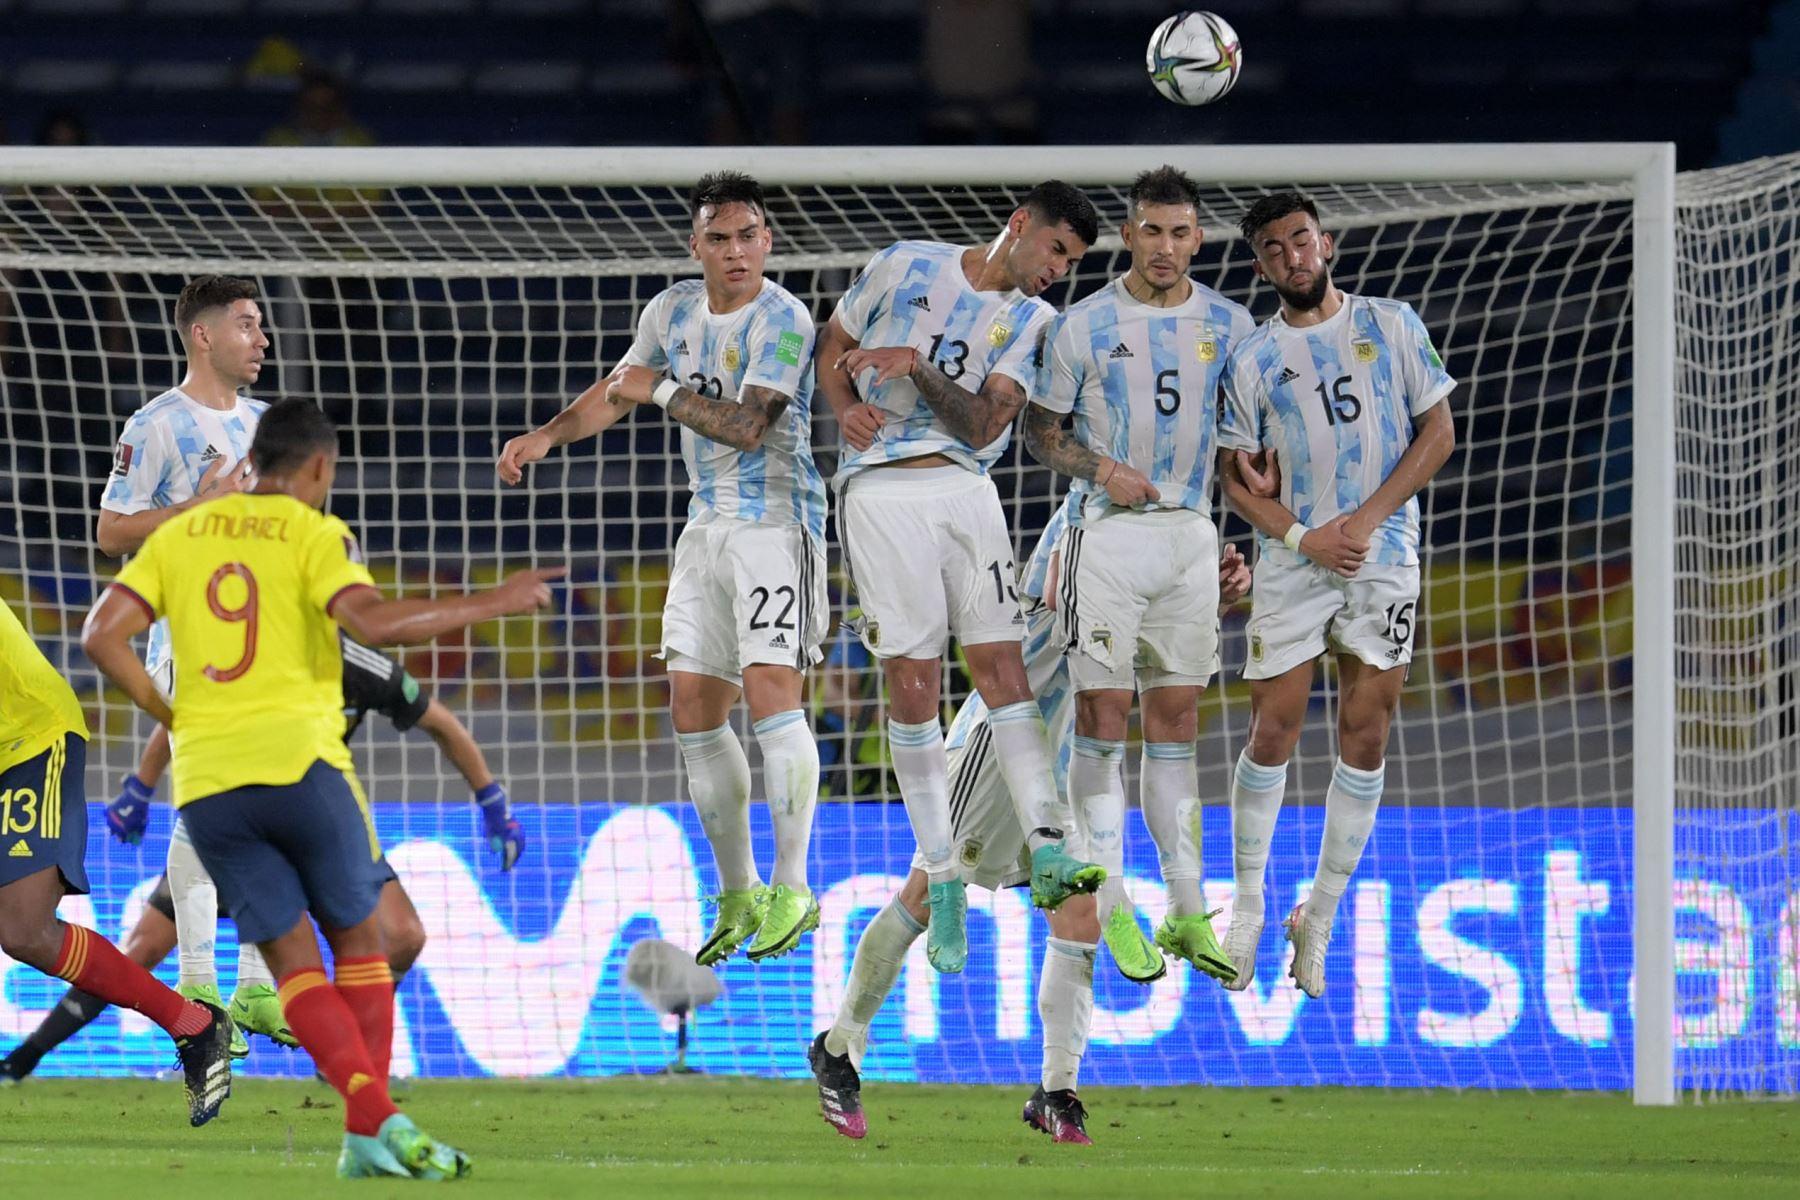 Luis Muriel de Colombia dispara un tiro libre durante el partido de fútbol de clasificación sudamericano para la Copa Mundial de la FIFA Qatar 2022 entre Colombia y Argentina en el Estadio Metropolitano Roberto Meléndez en Barranquilla, Colombia.